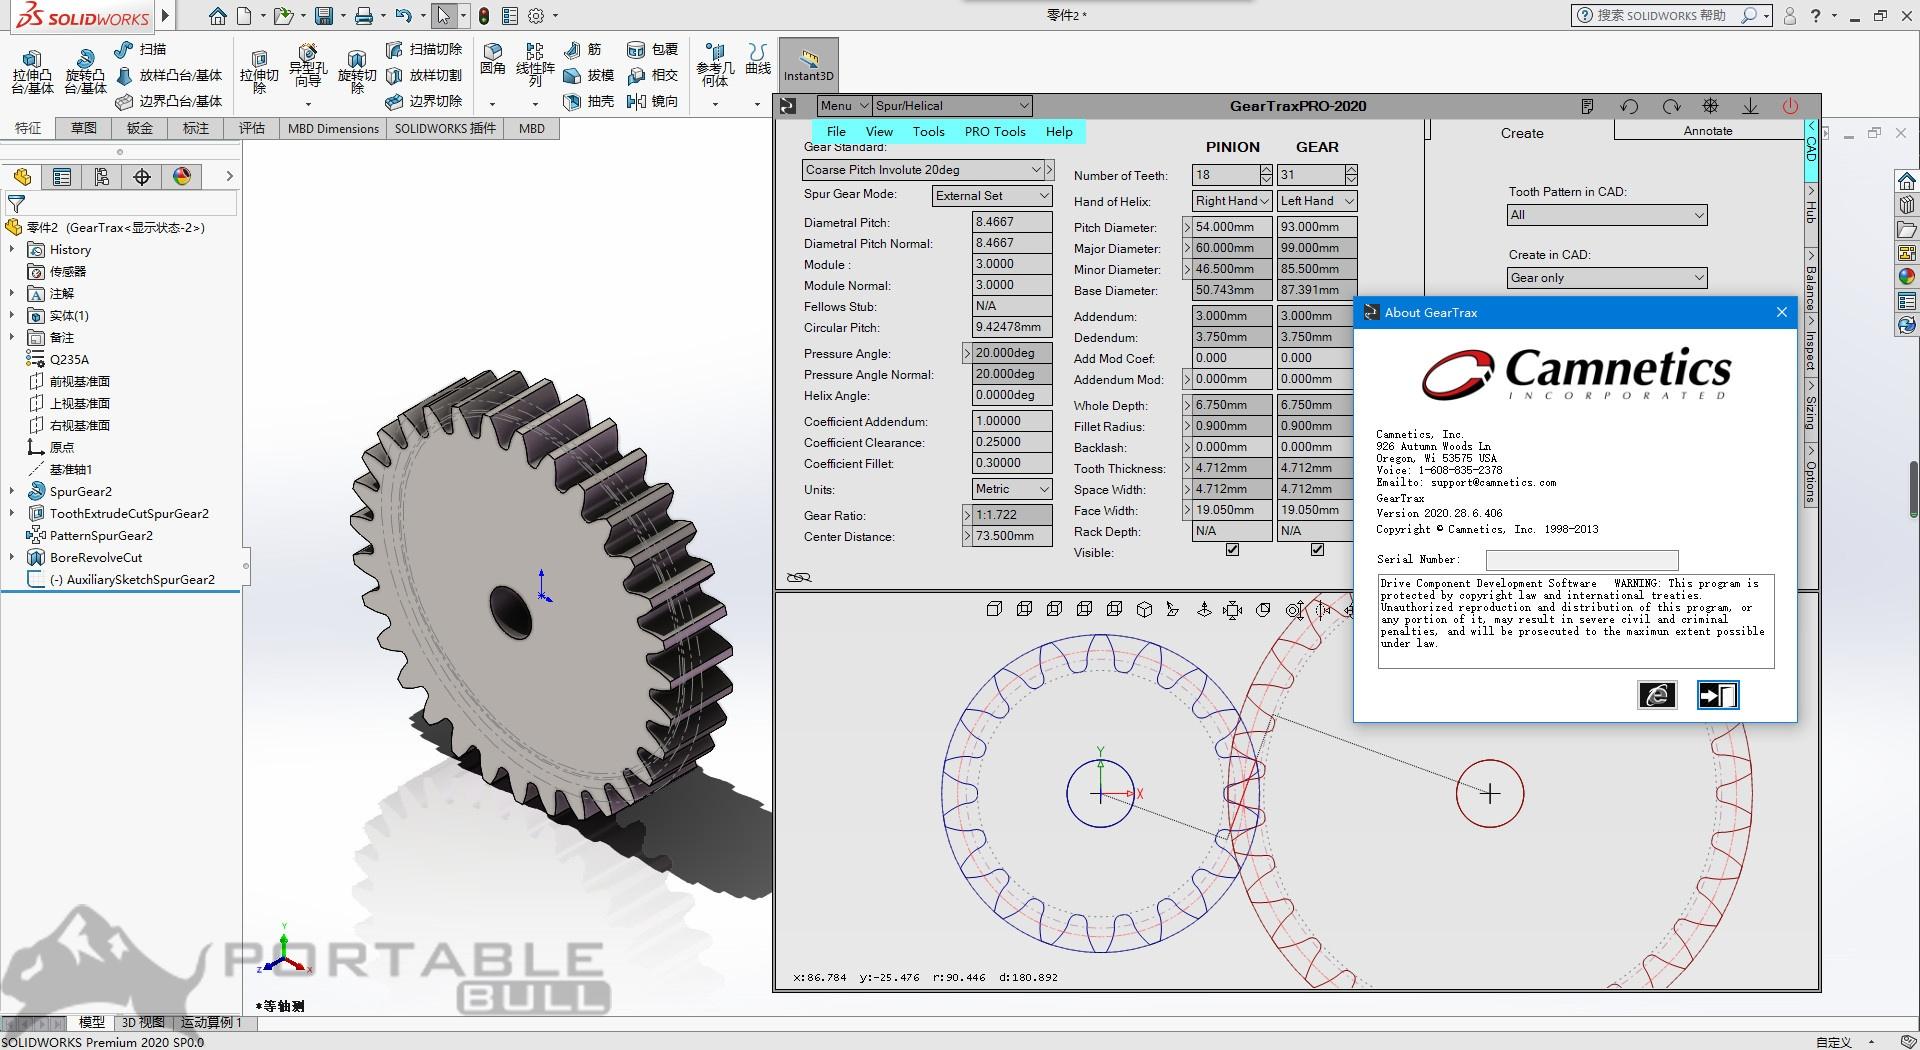 Camnetics Suite 2021 Free Download [64-bit] Offline Setup Installer direct link